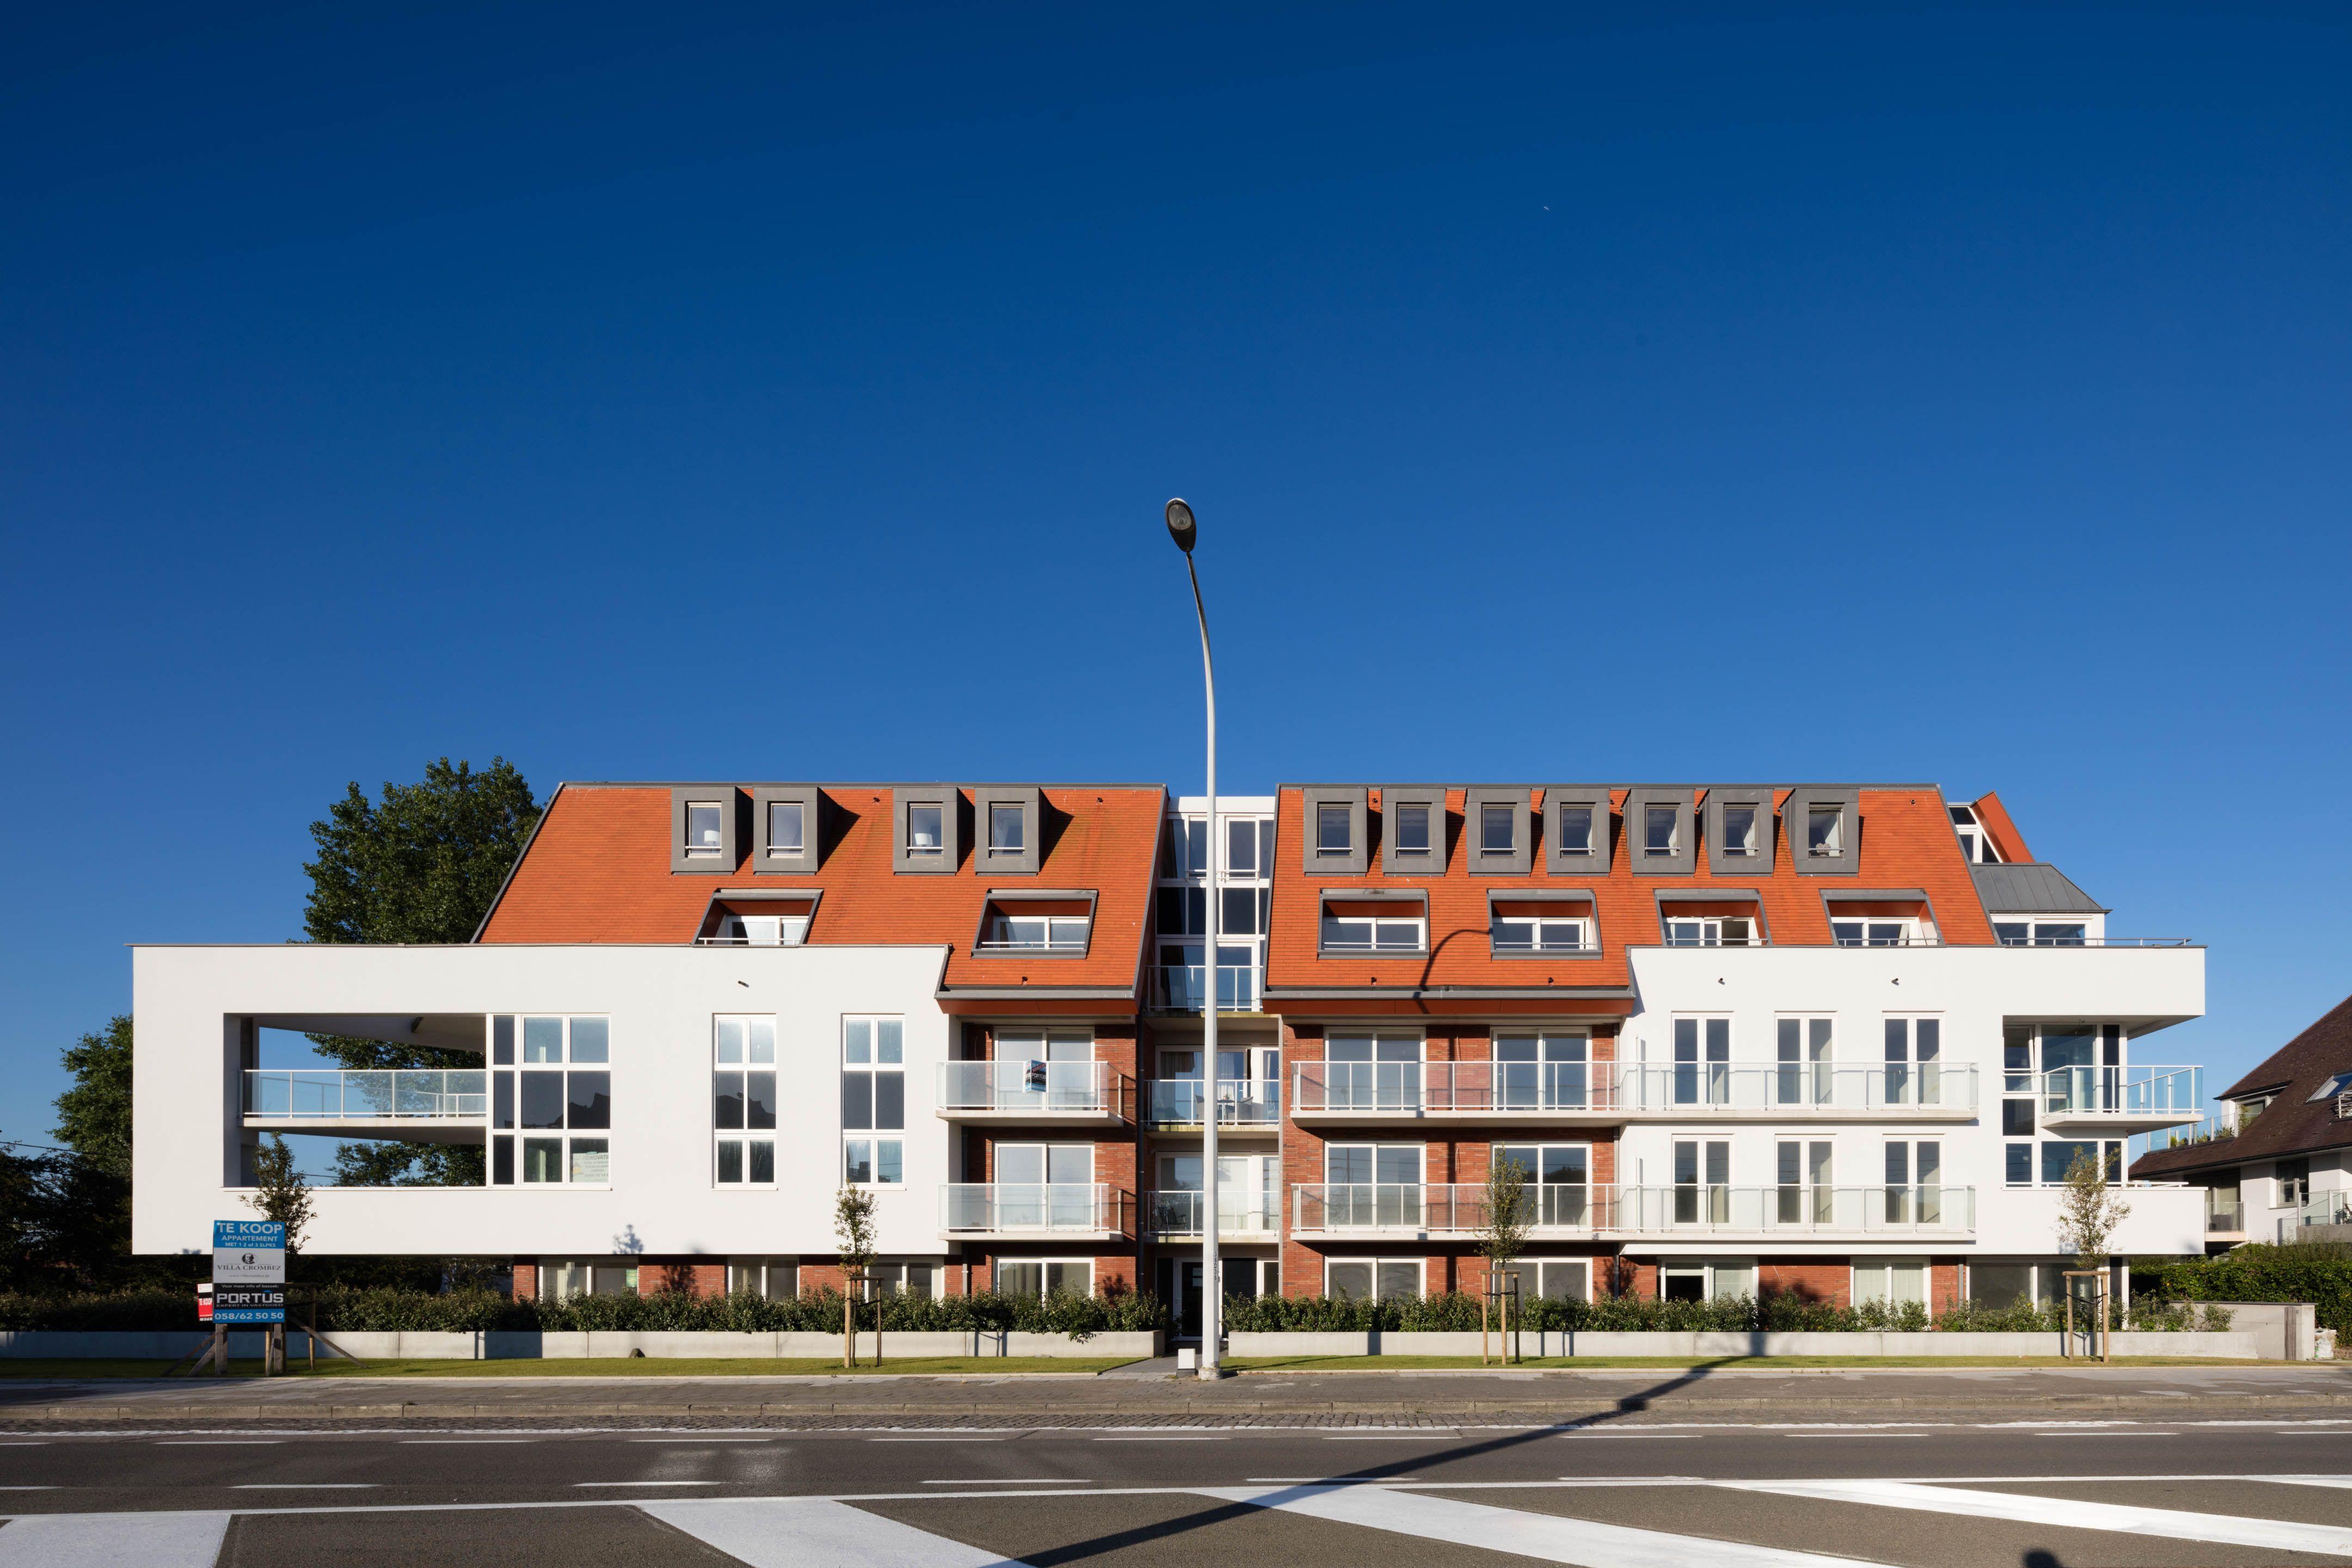 Appartement Residentie Villa Crombez Nieuwpoort - 9798